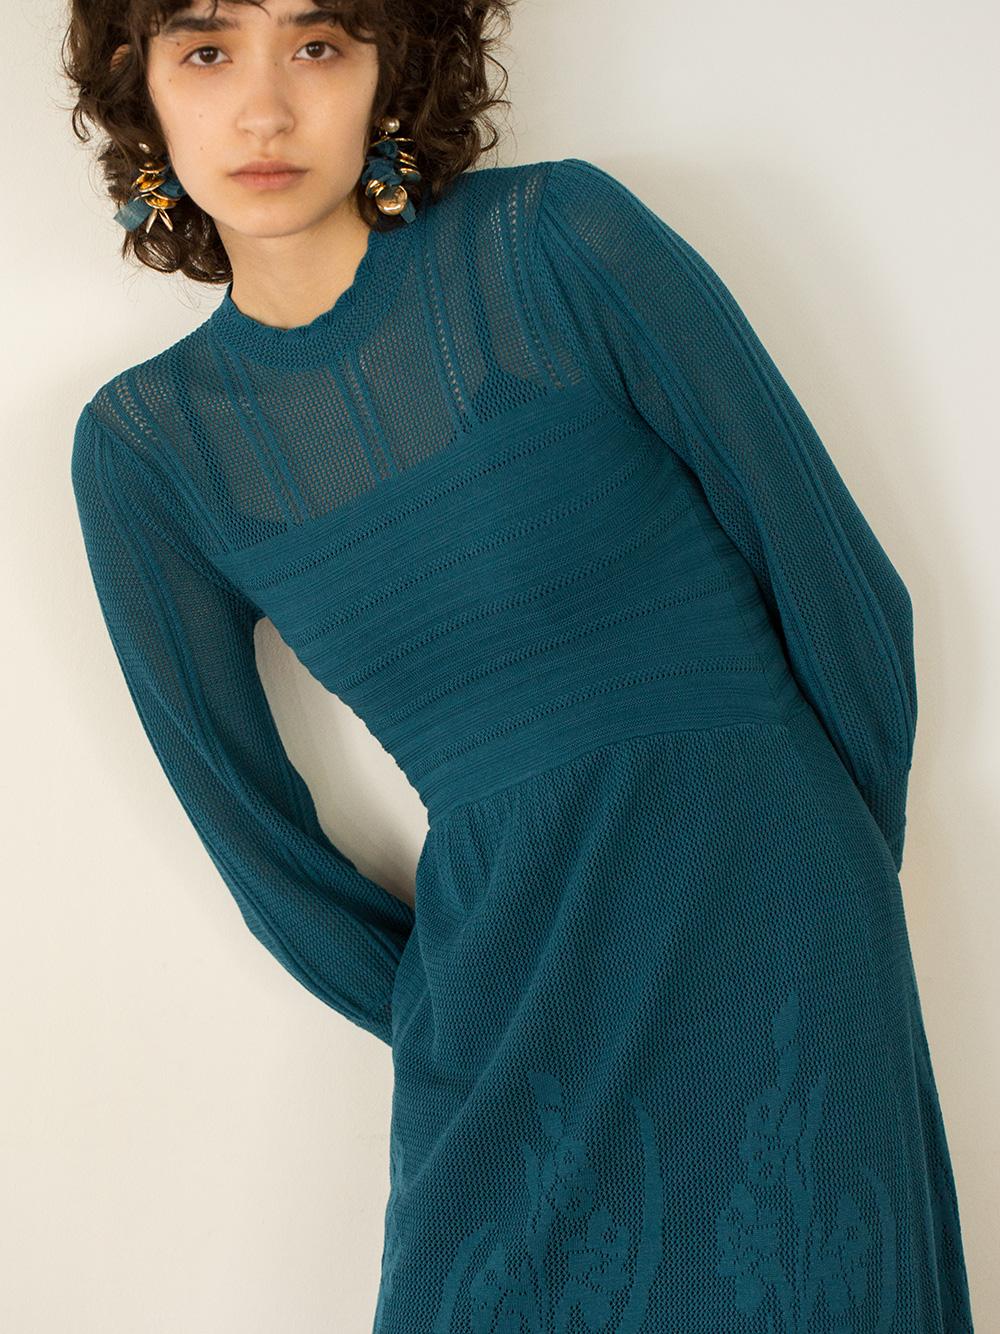 復古風透膚編織連身裙